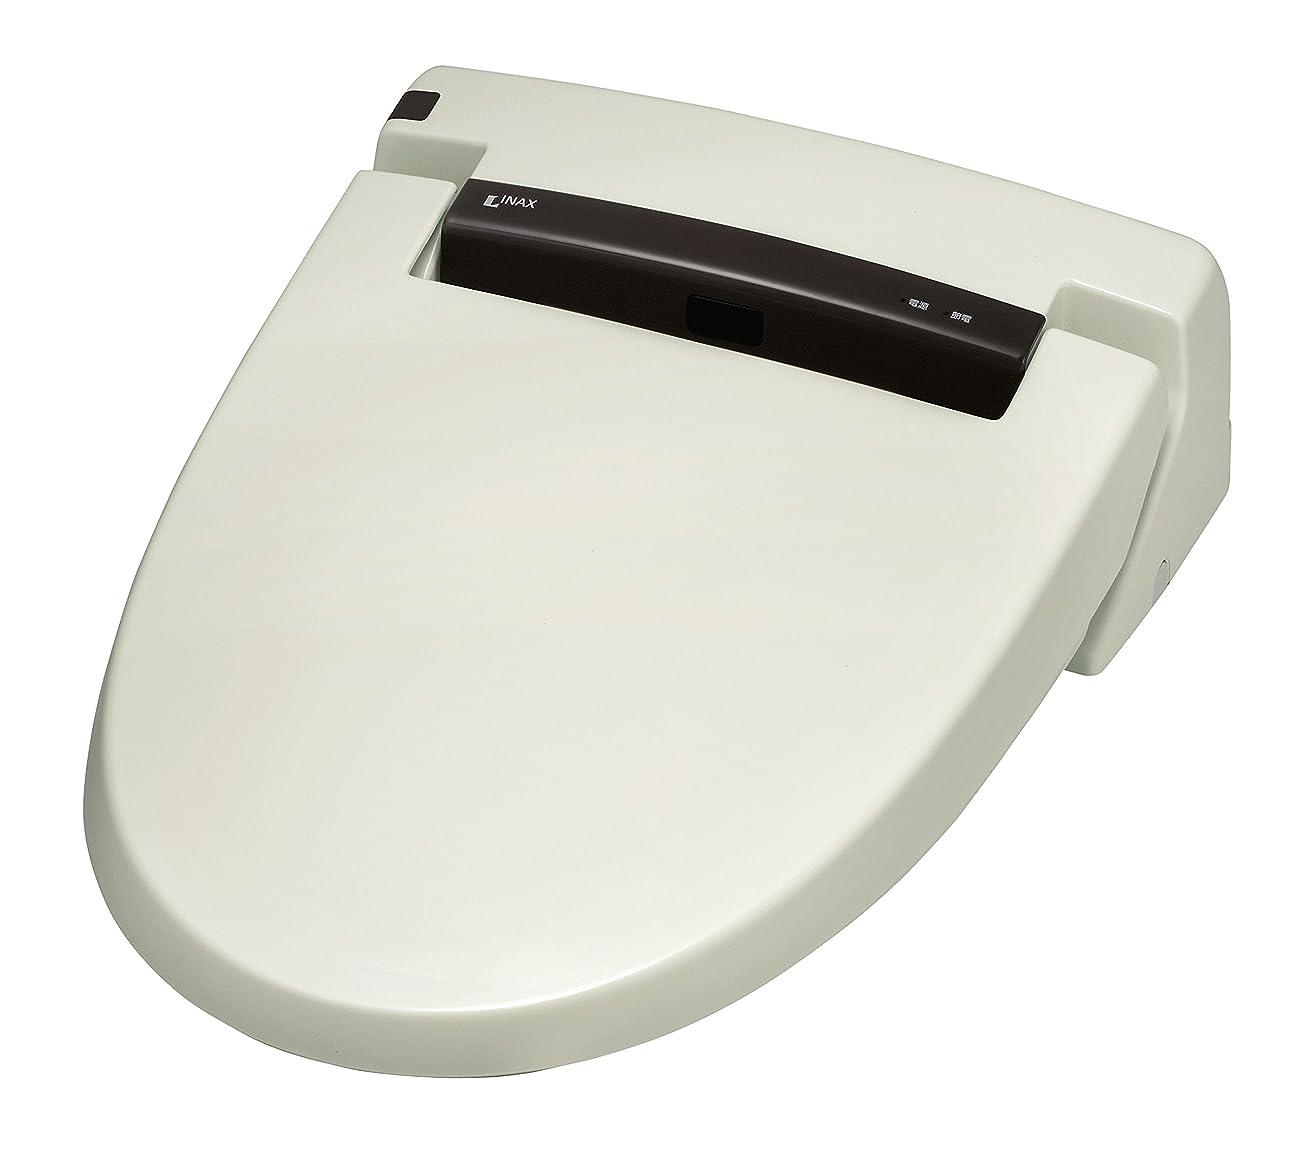 道路を作るプロセスチャップ効果LIXIL(リクシル) INAX シャワートイレ RVシリーズ 瞬間式 温水洗浄便座 ノズルそうじ?ターボ脱臭 オフホワイト CW-RV20A/BN8